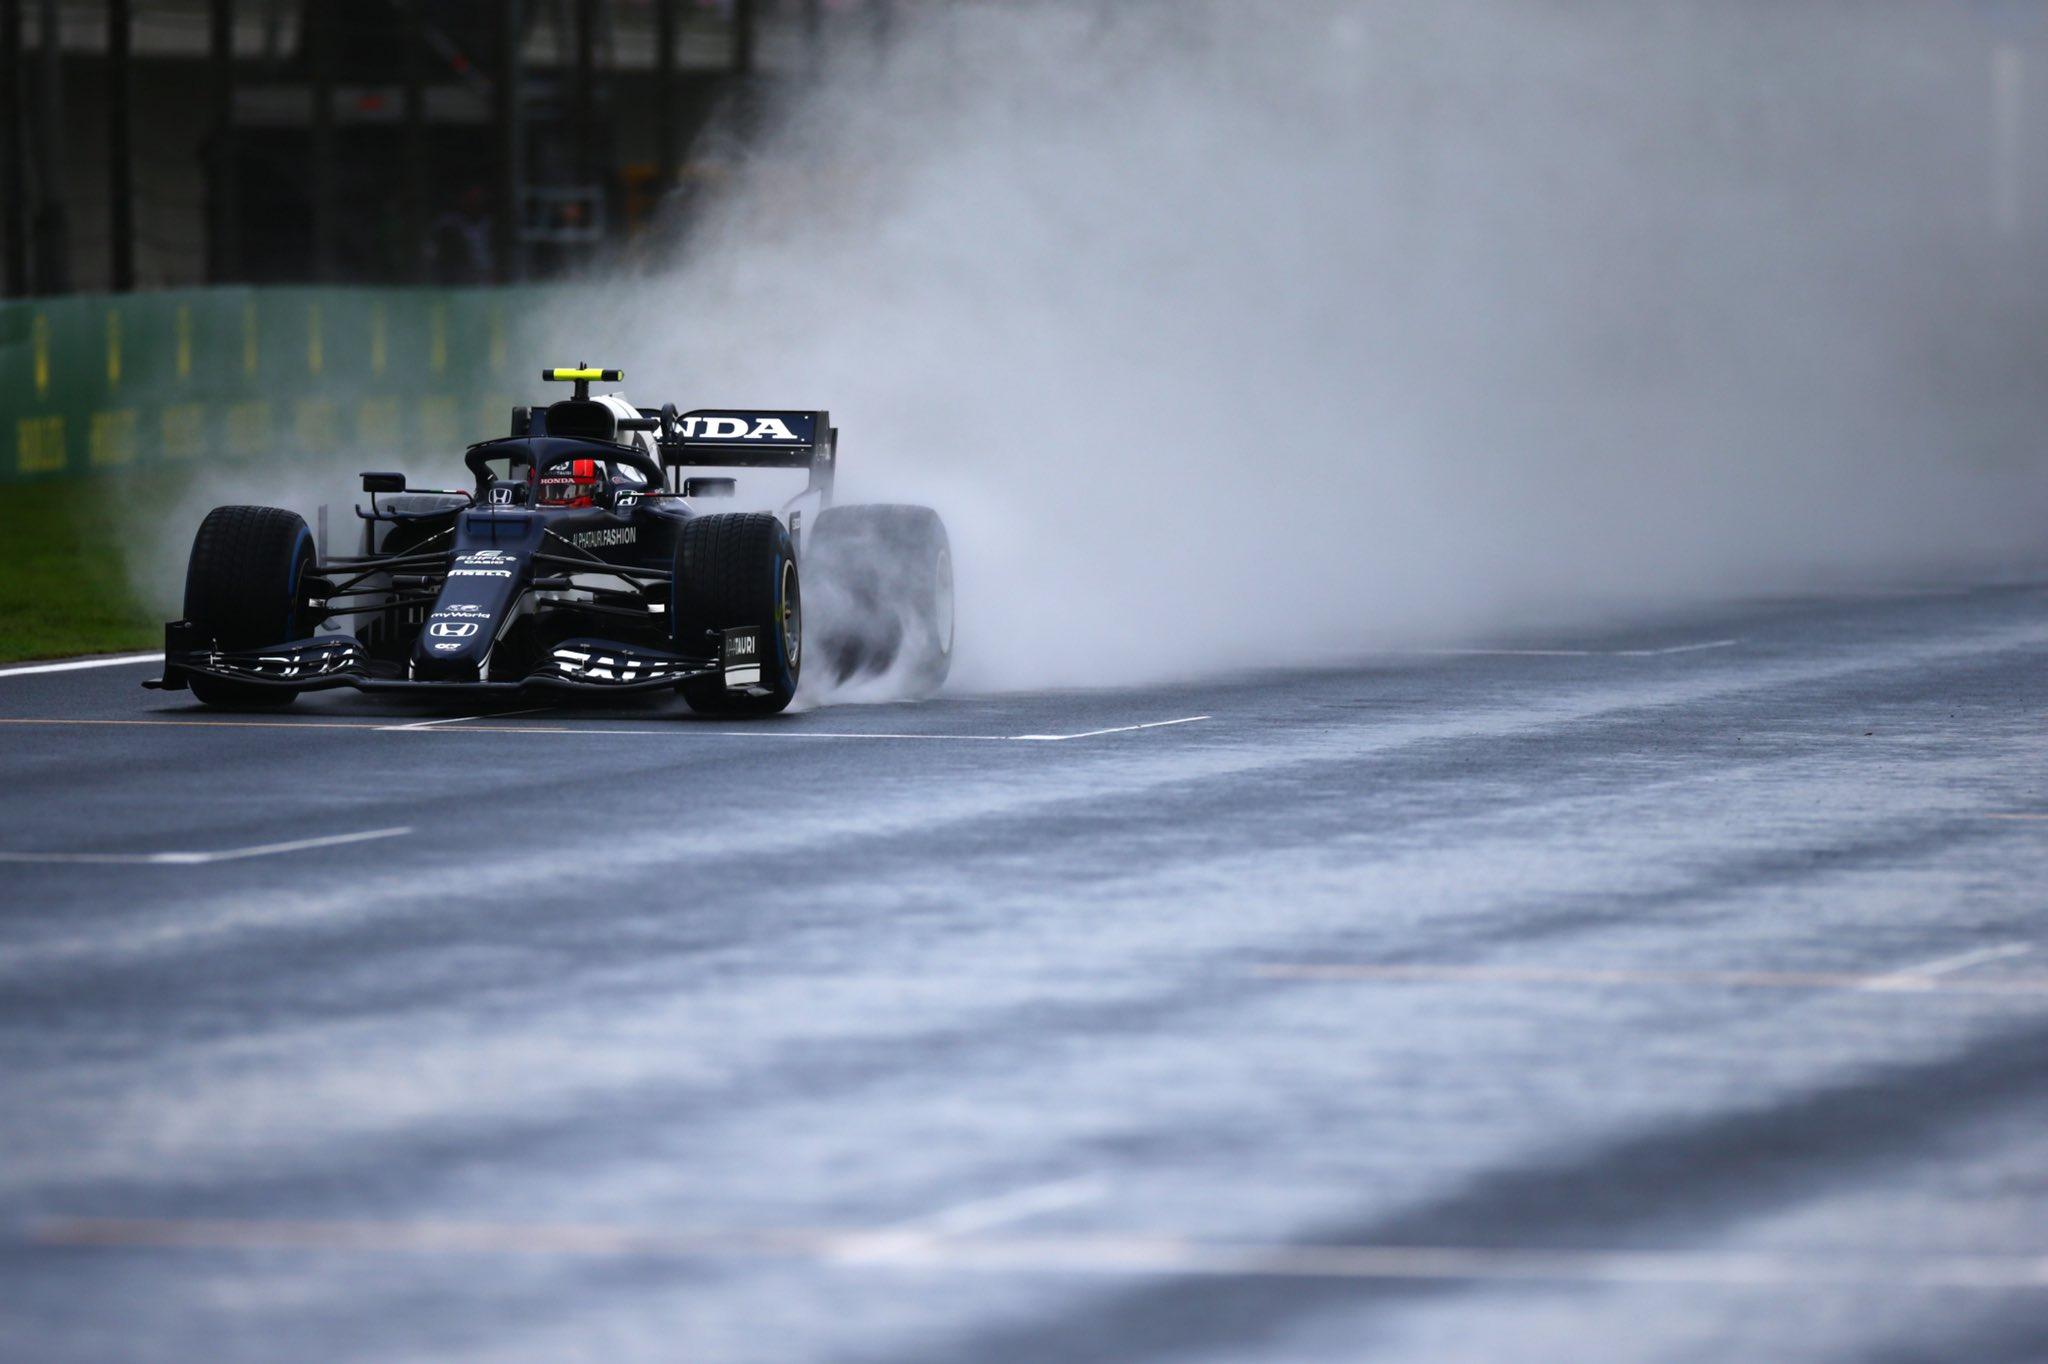 FP3, Gp di Turchia: Gasly il più veloce sul bagnato. Ferrari 4° e 5°.